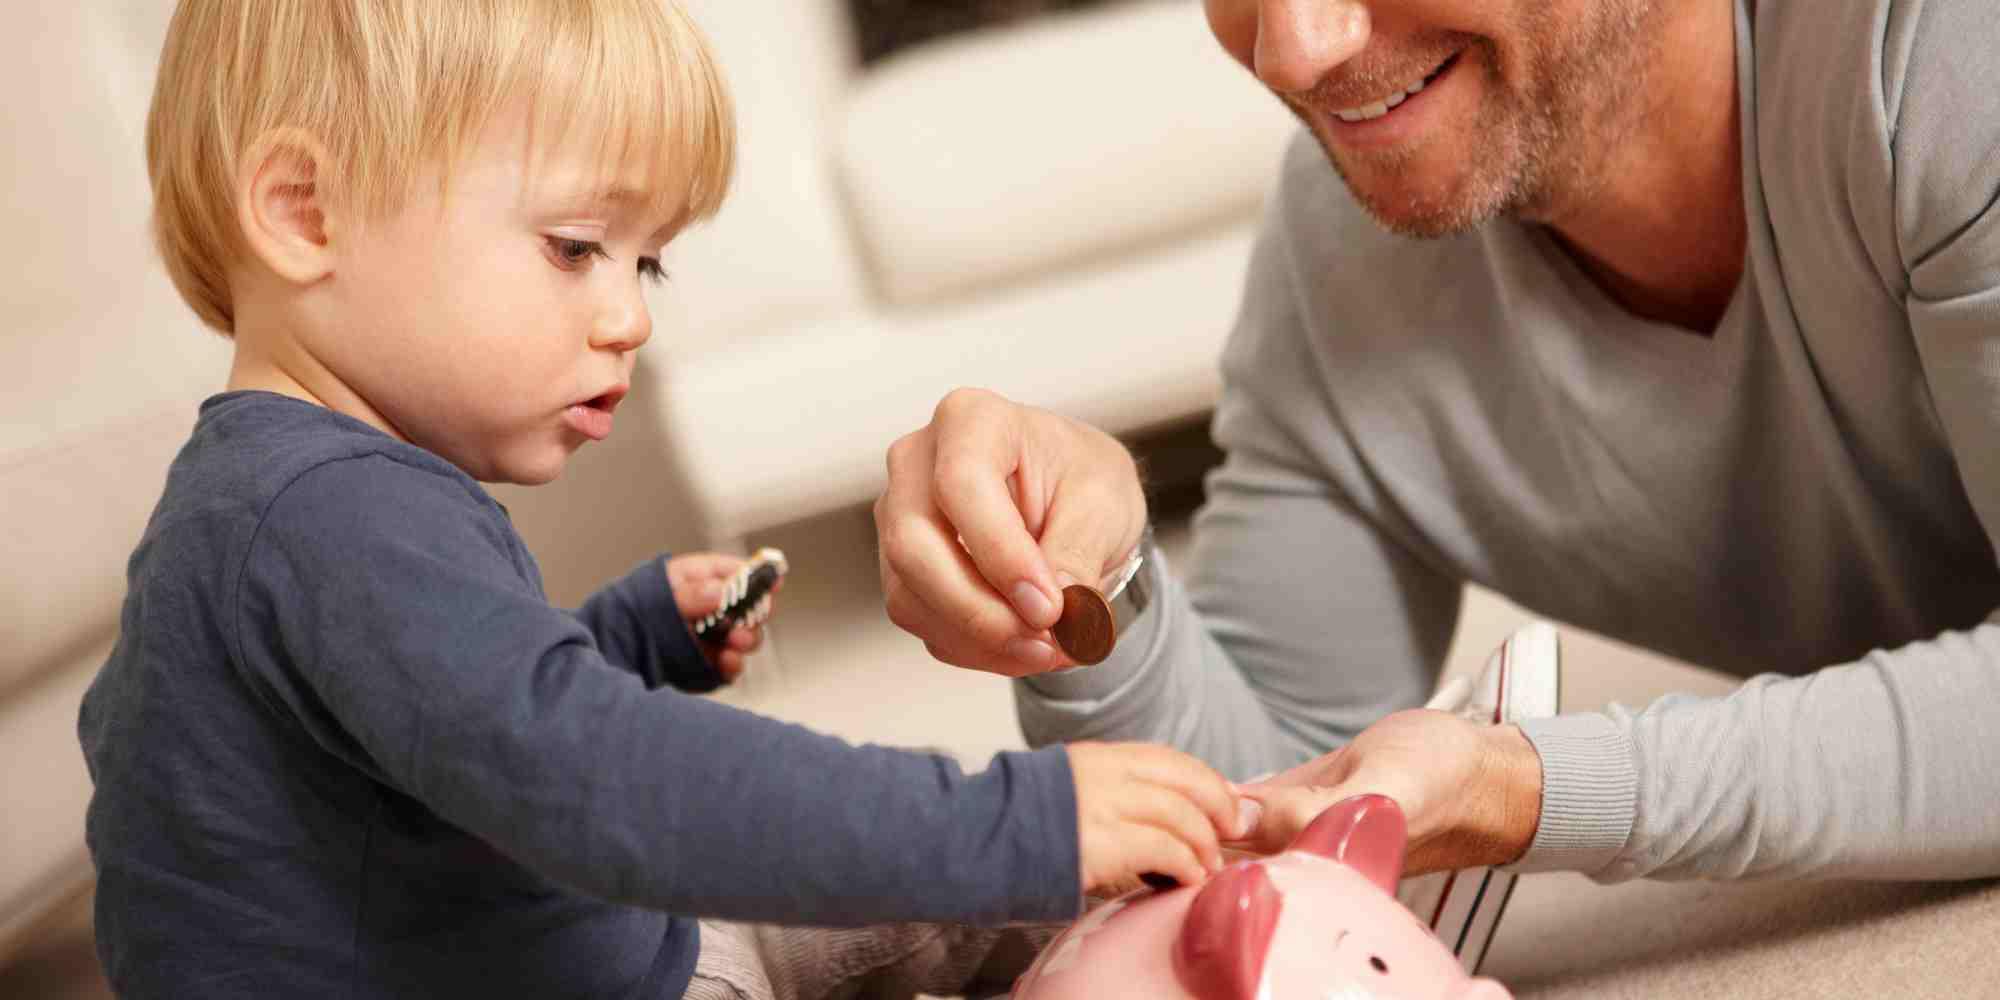 آموزش پس انداز کردن به کودکان